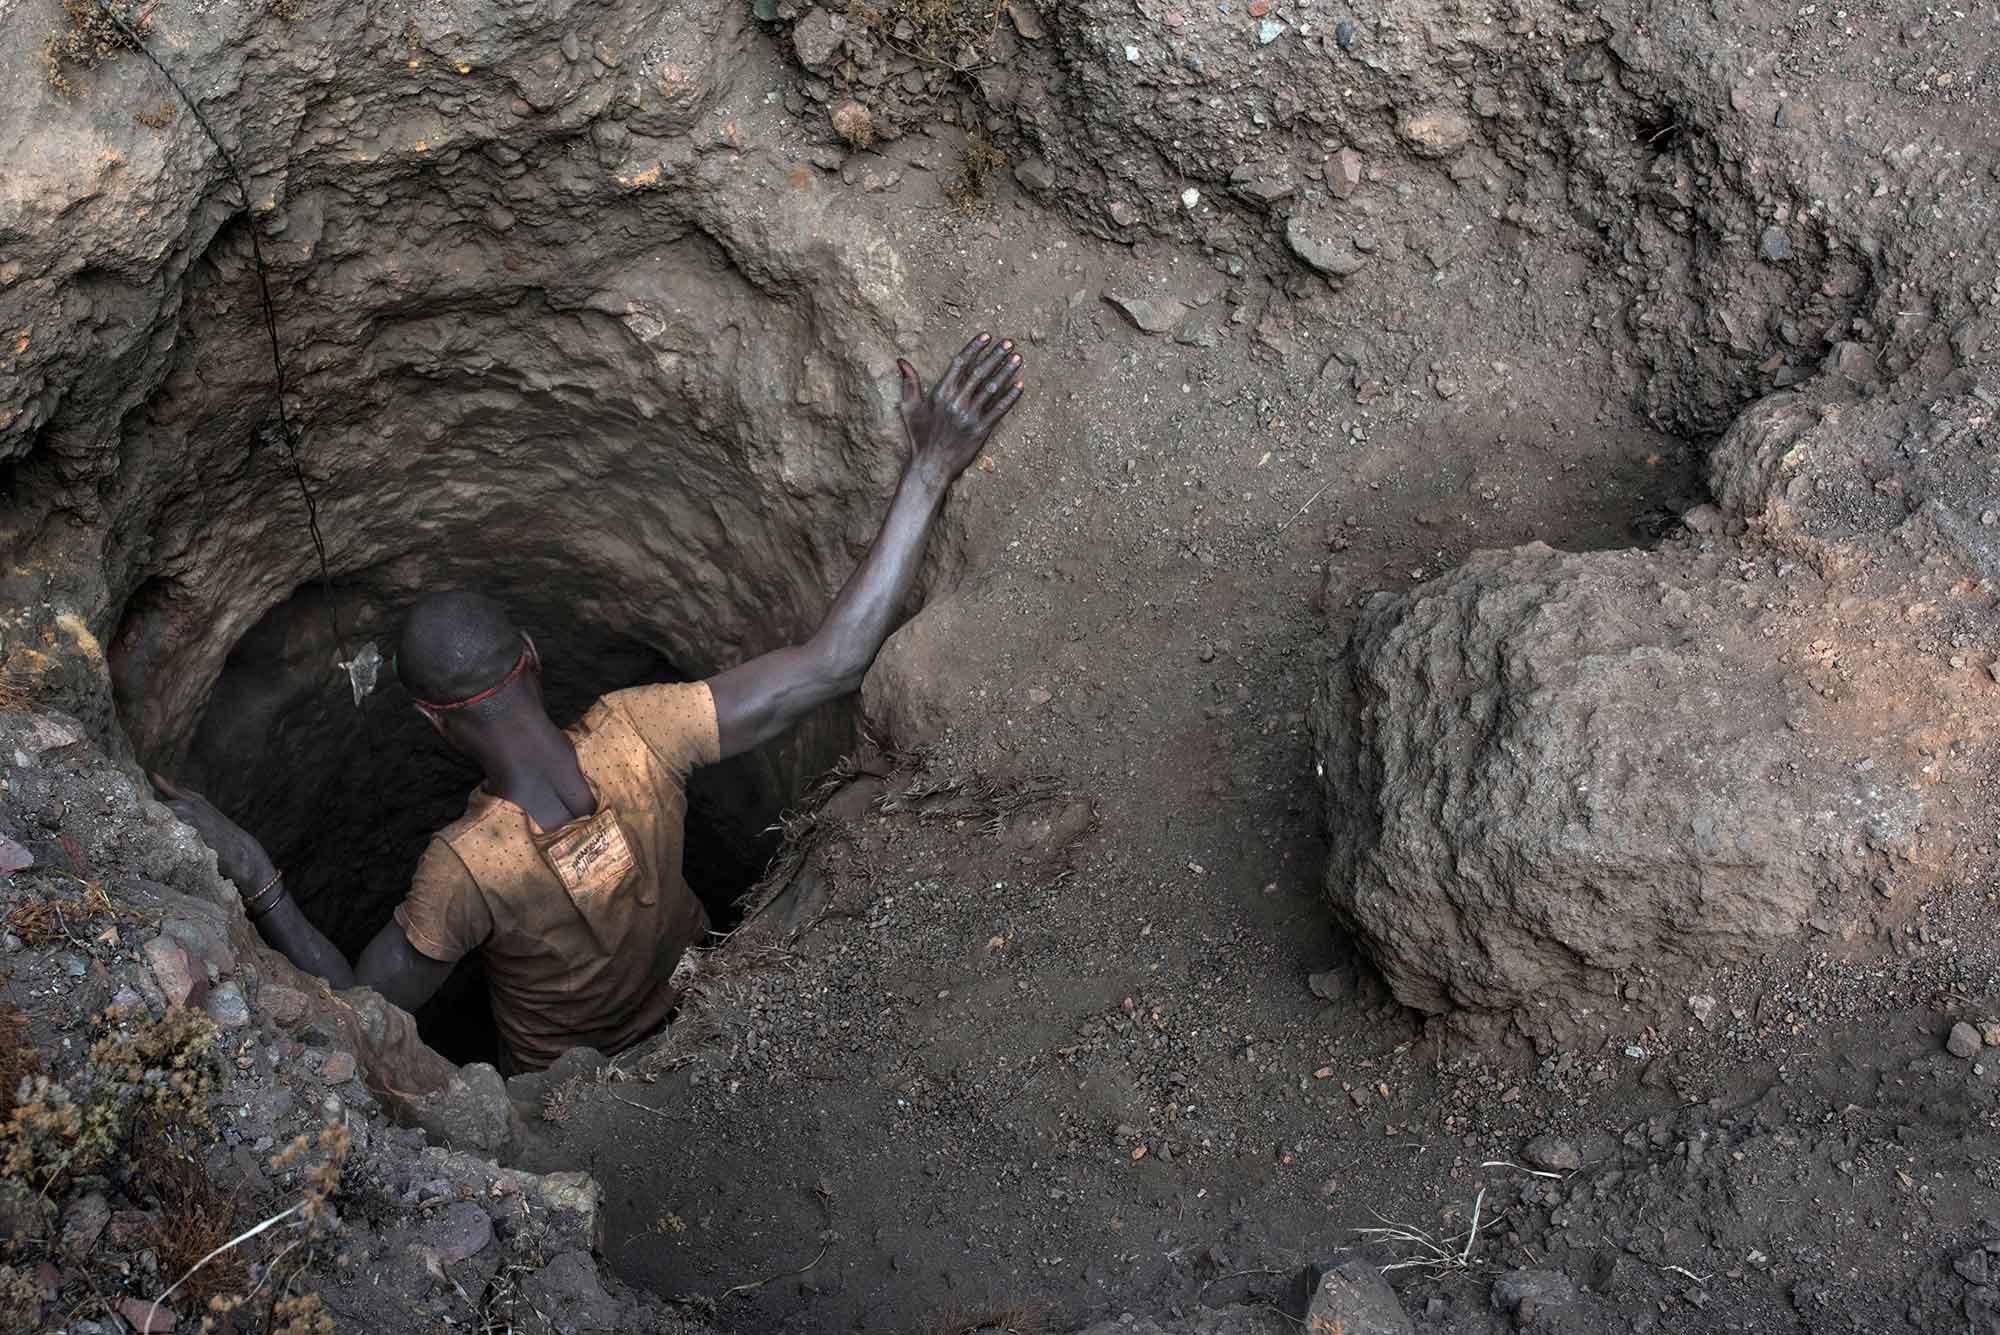 Ένας σκαφέας κατεβαίνει σε μια σήραγγα στο ορυχείο στο Kawama. Οι σήραγγες έχουν σκαφτεί με εργαλεία και με τα χέρια και φτάνουν βαθιά κάτω από την γη. Φώτο από Michael Robinson Chavez